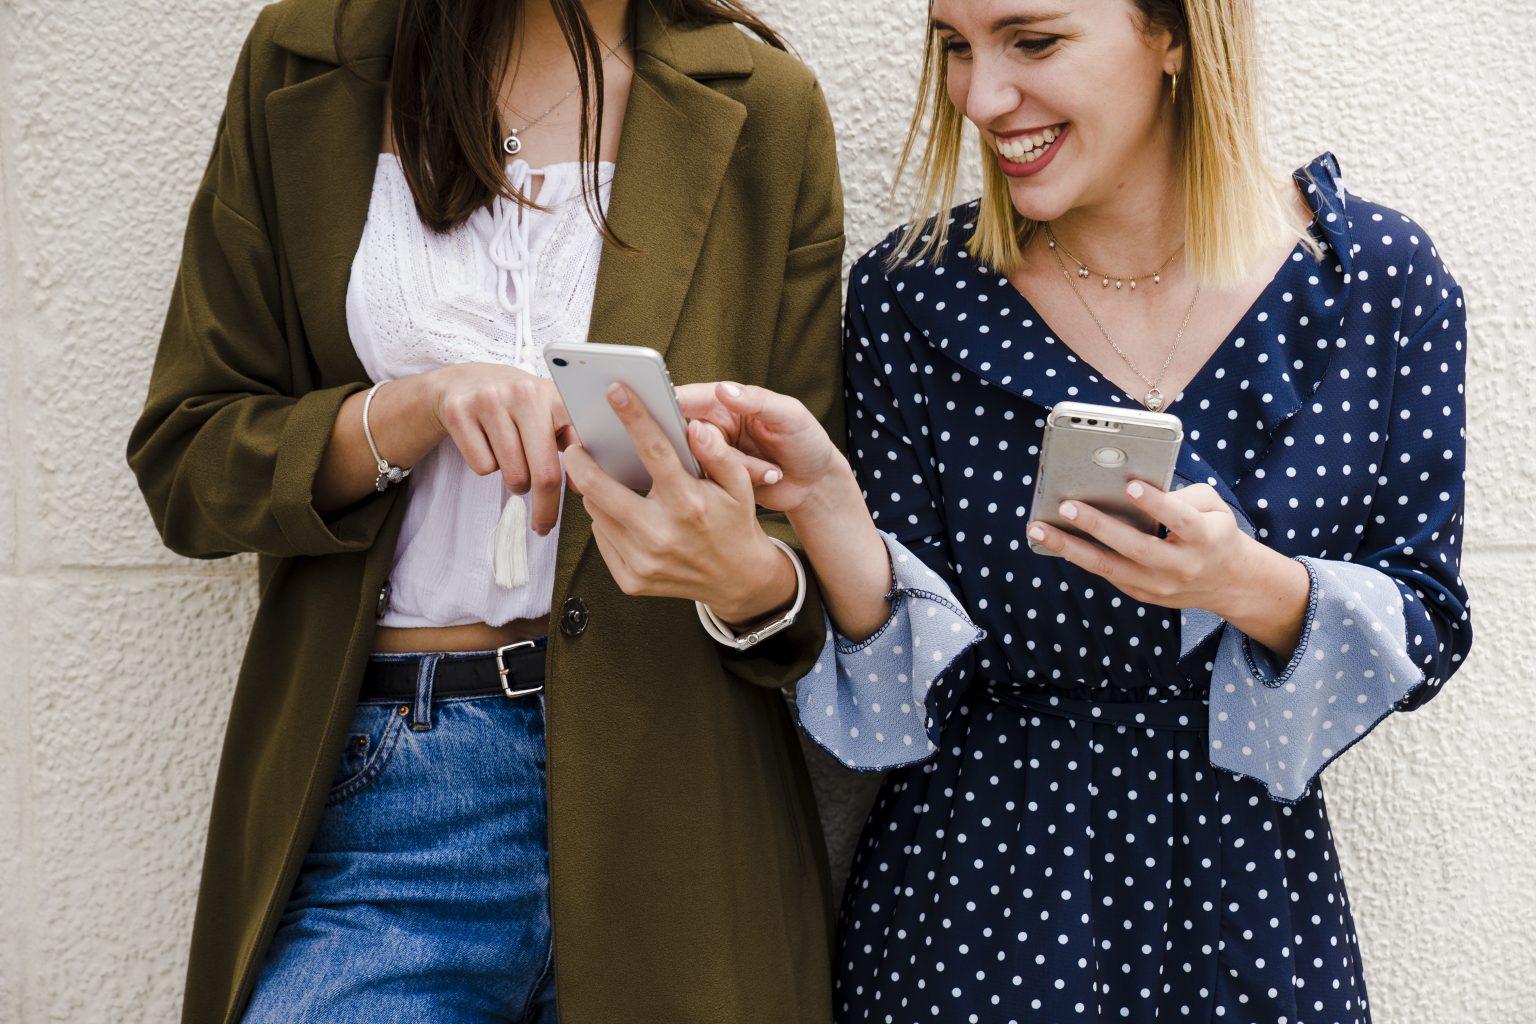 Freundinnen zeigen sich etwas auf dem Handy